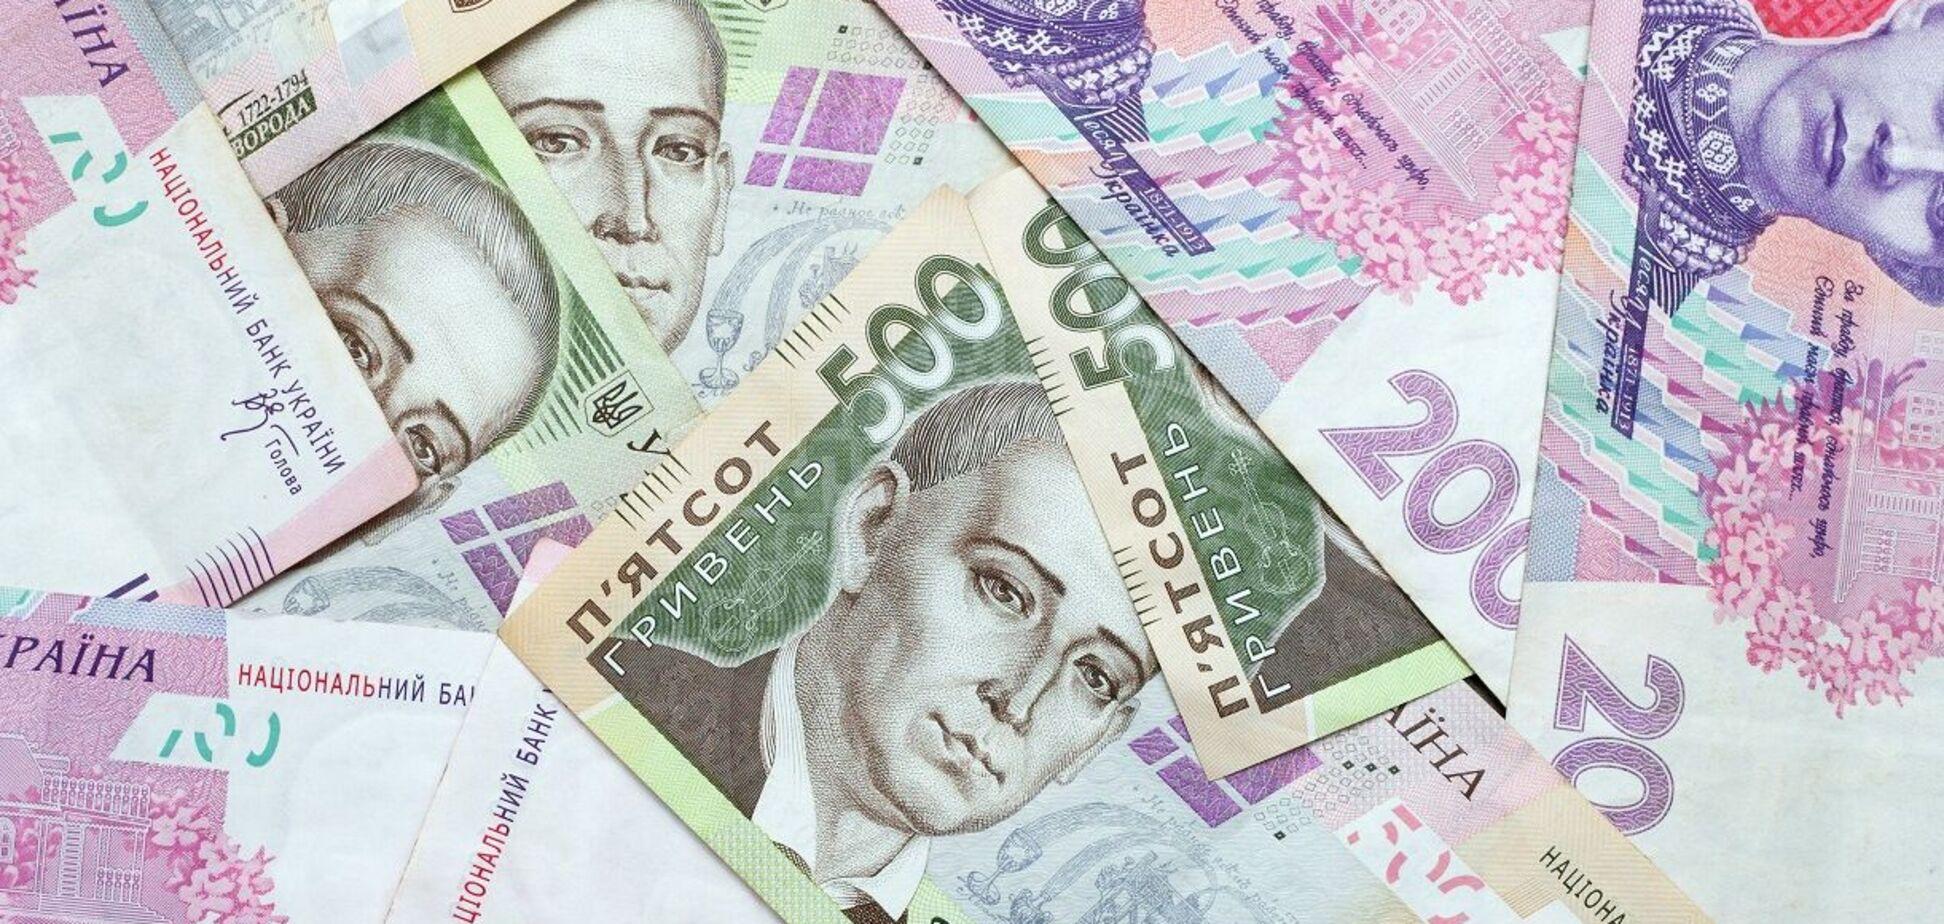 Українцям перерахували зарплати: озвучено середній розмір